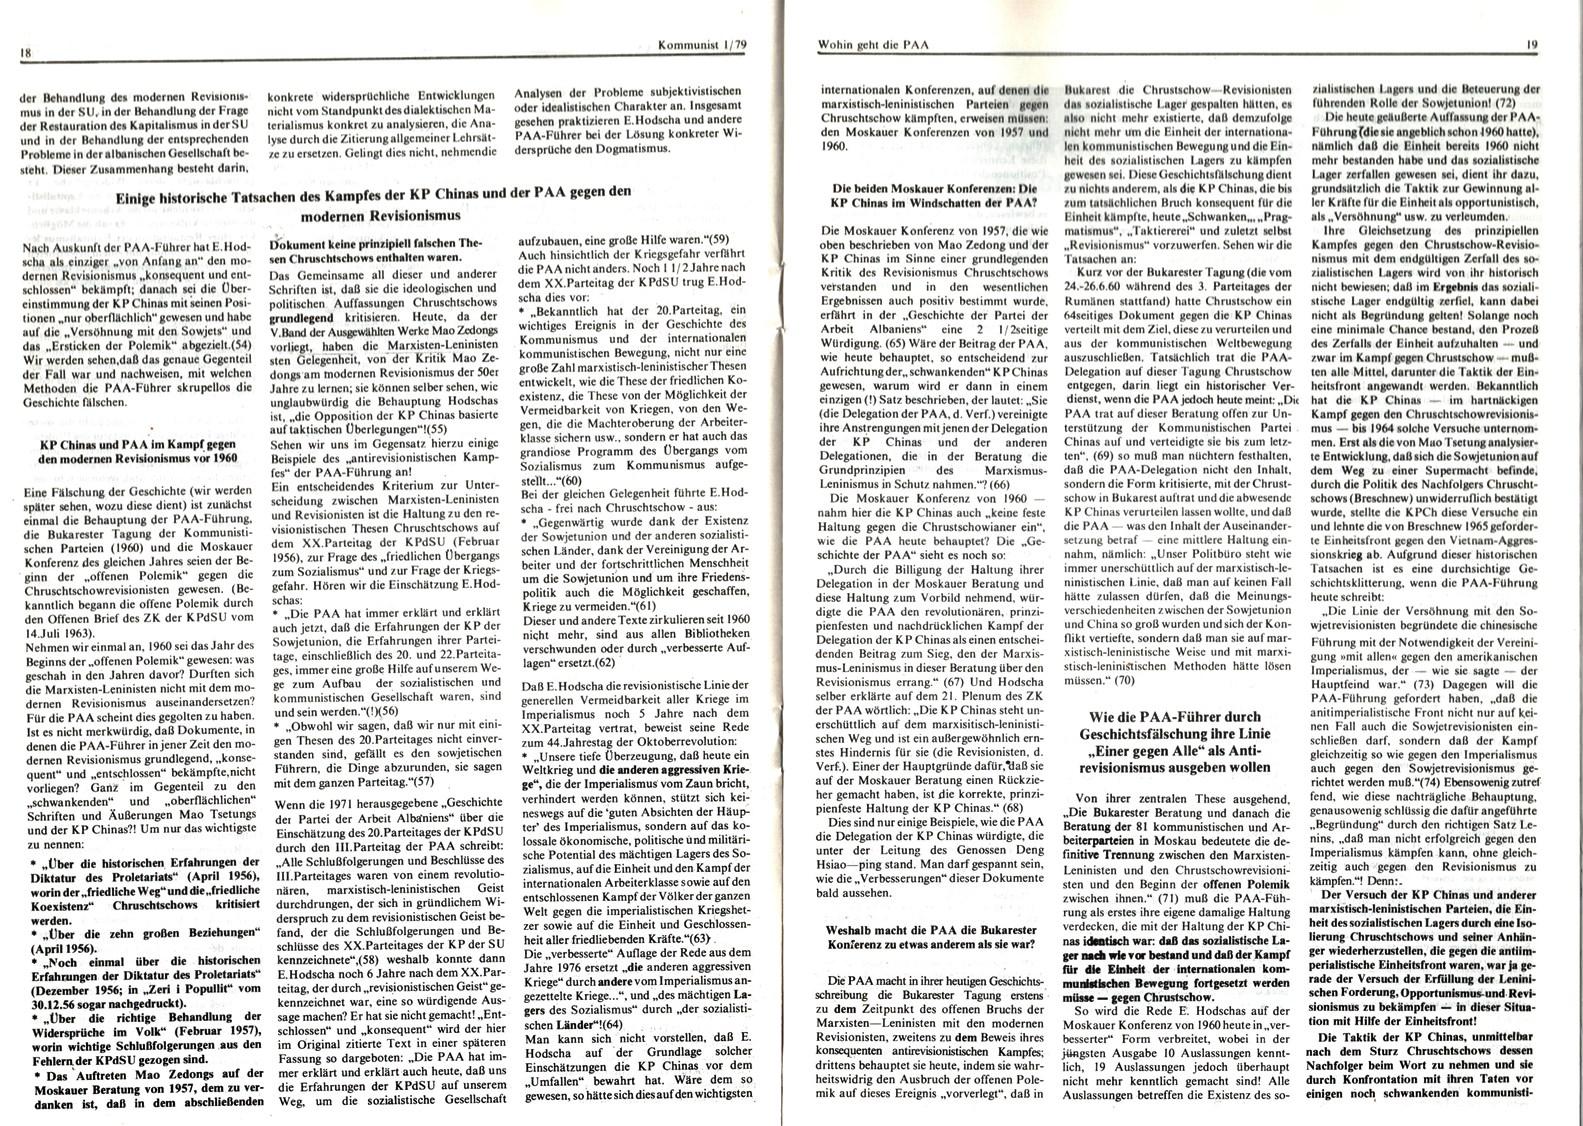 KBOe_TO_Kommunist_19790100_001_011